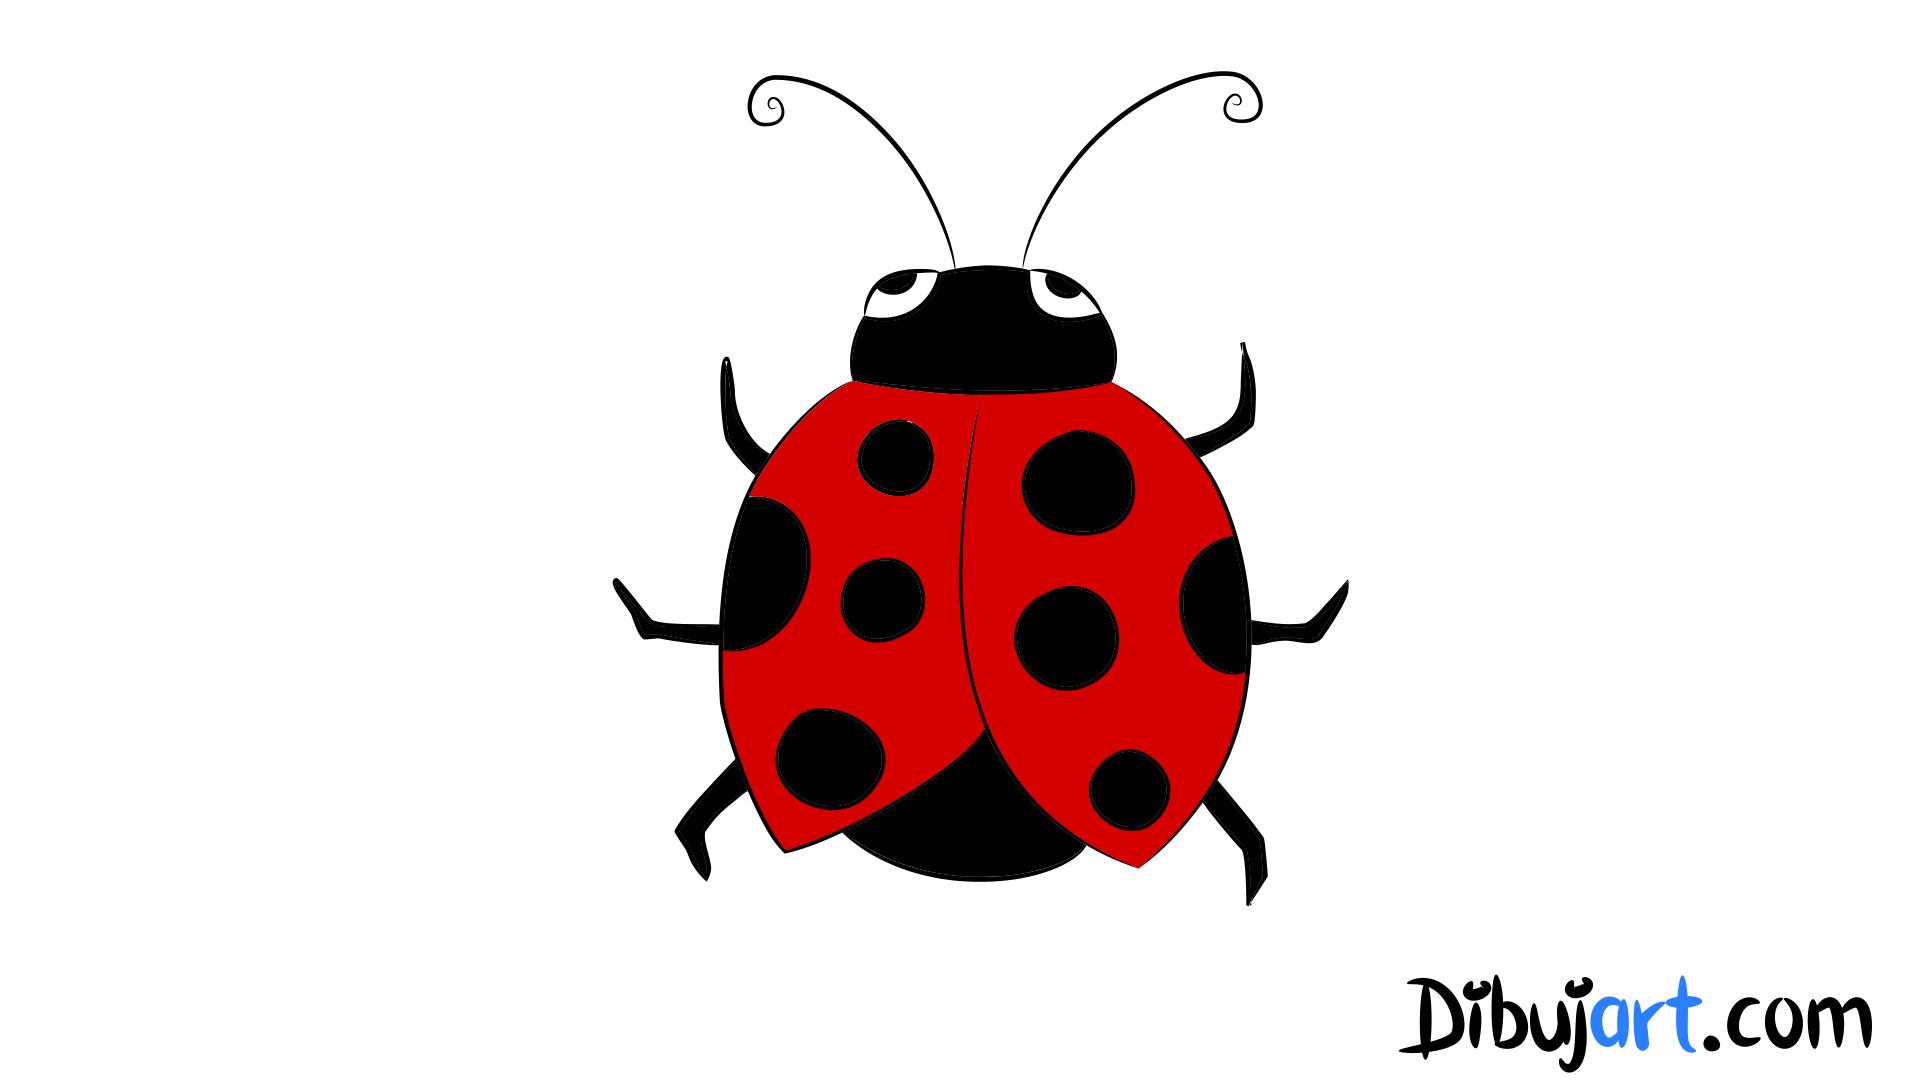 Dibujos De Insectos Para Colorear Para Ninos: Cómo Dibujar Una Mariquita Paso A Paso